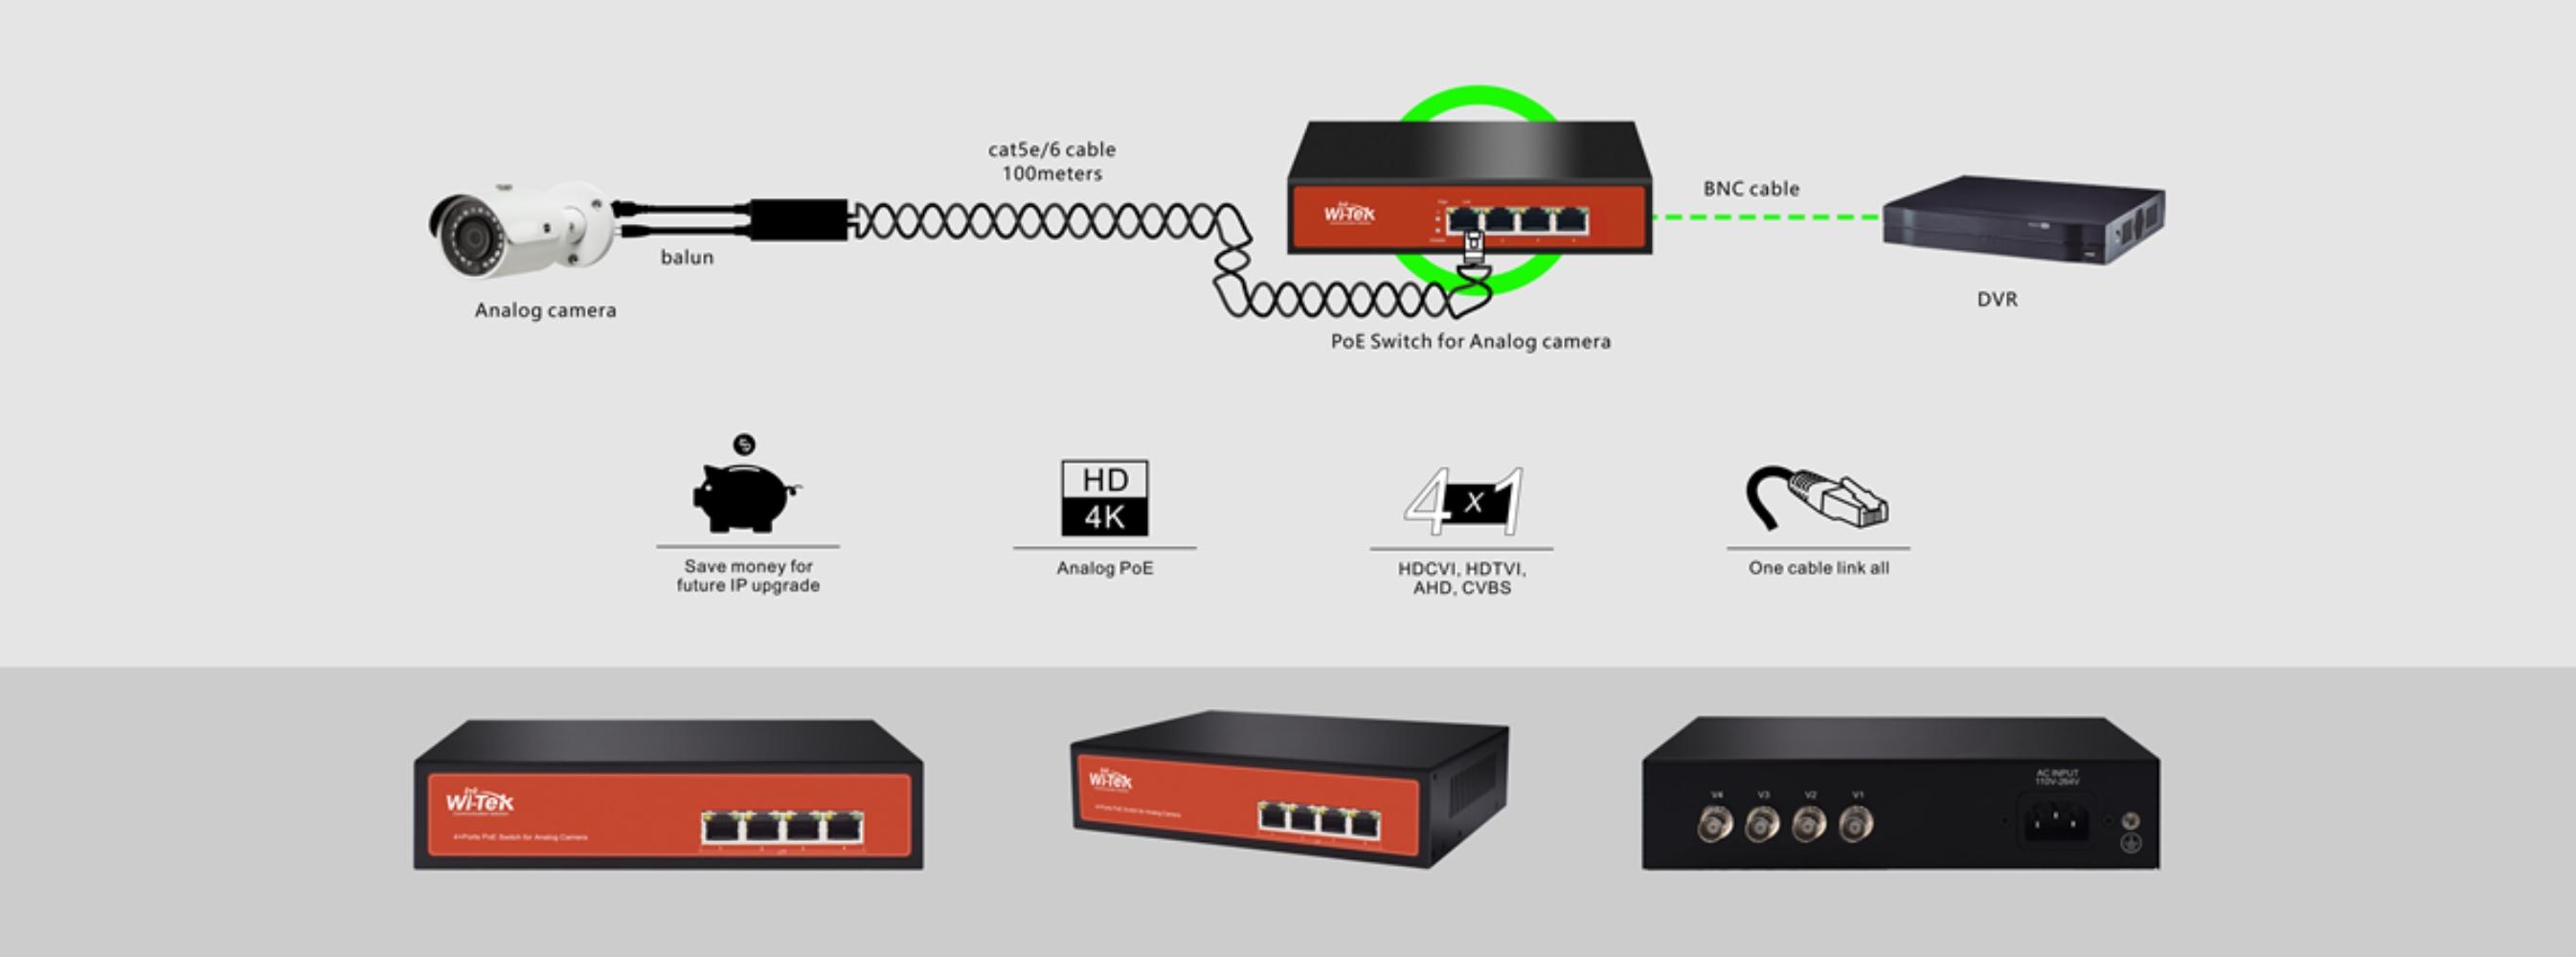 photo of WI-POC104- 4 port POE to analog BNC switch